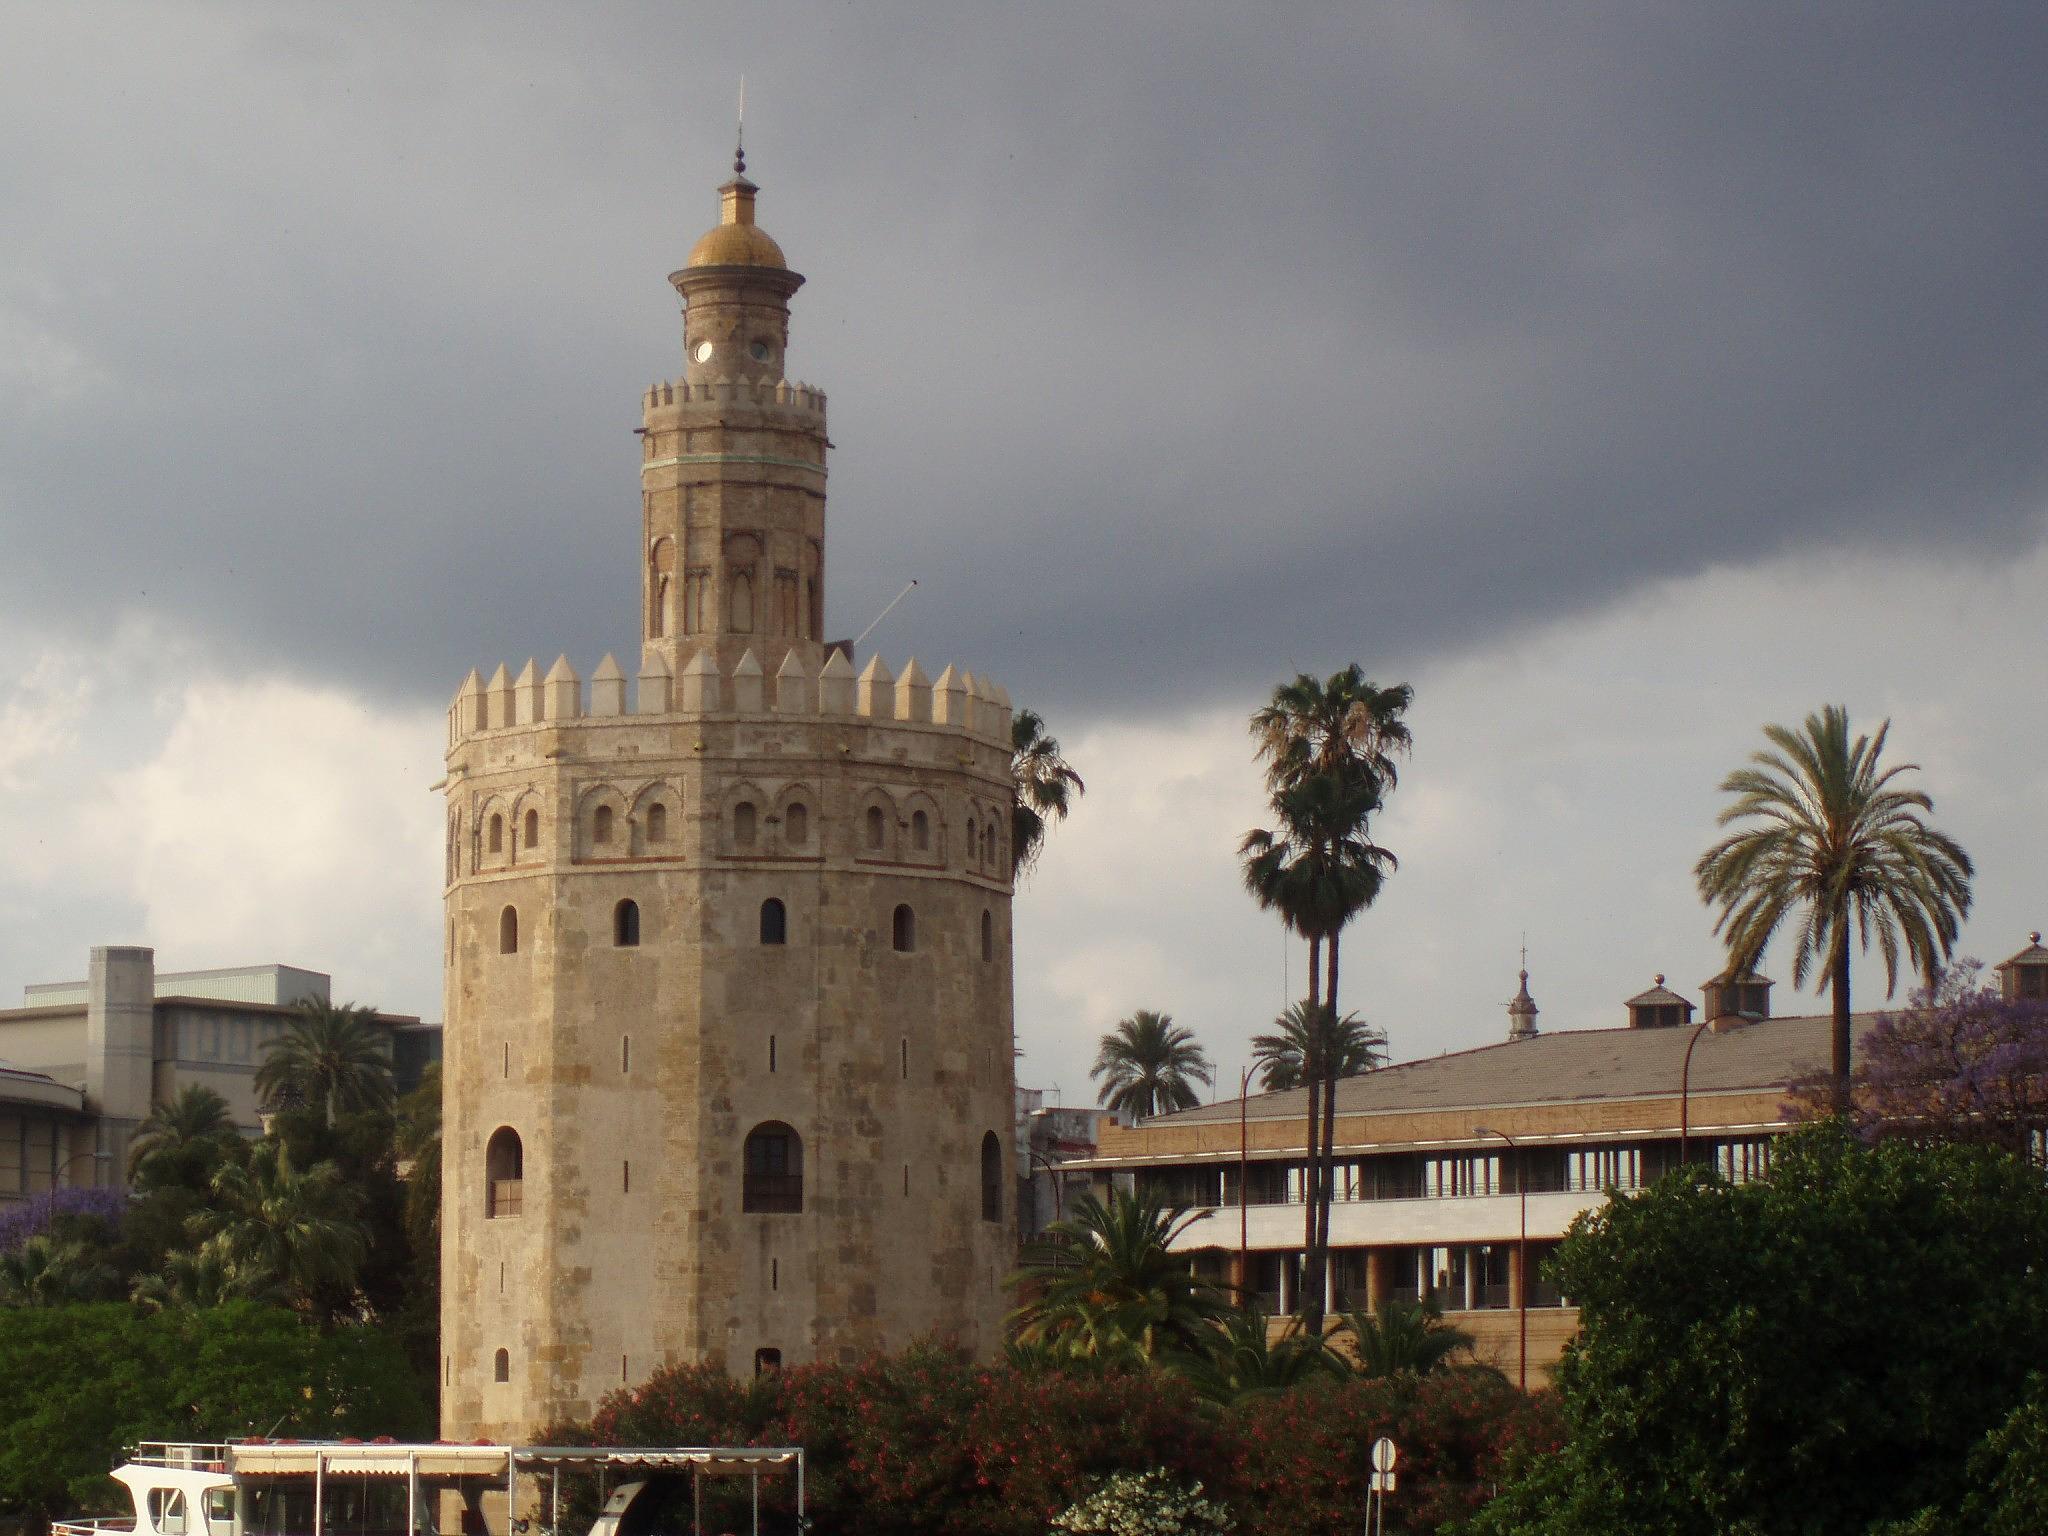 Torre del Oro by aida.carpena